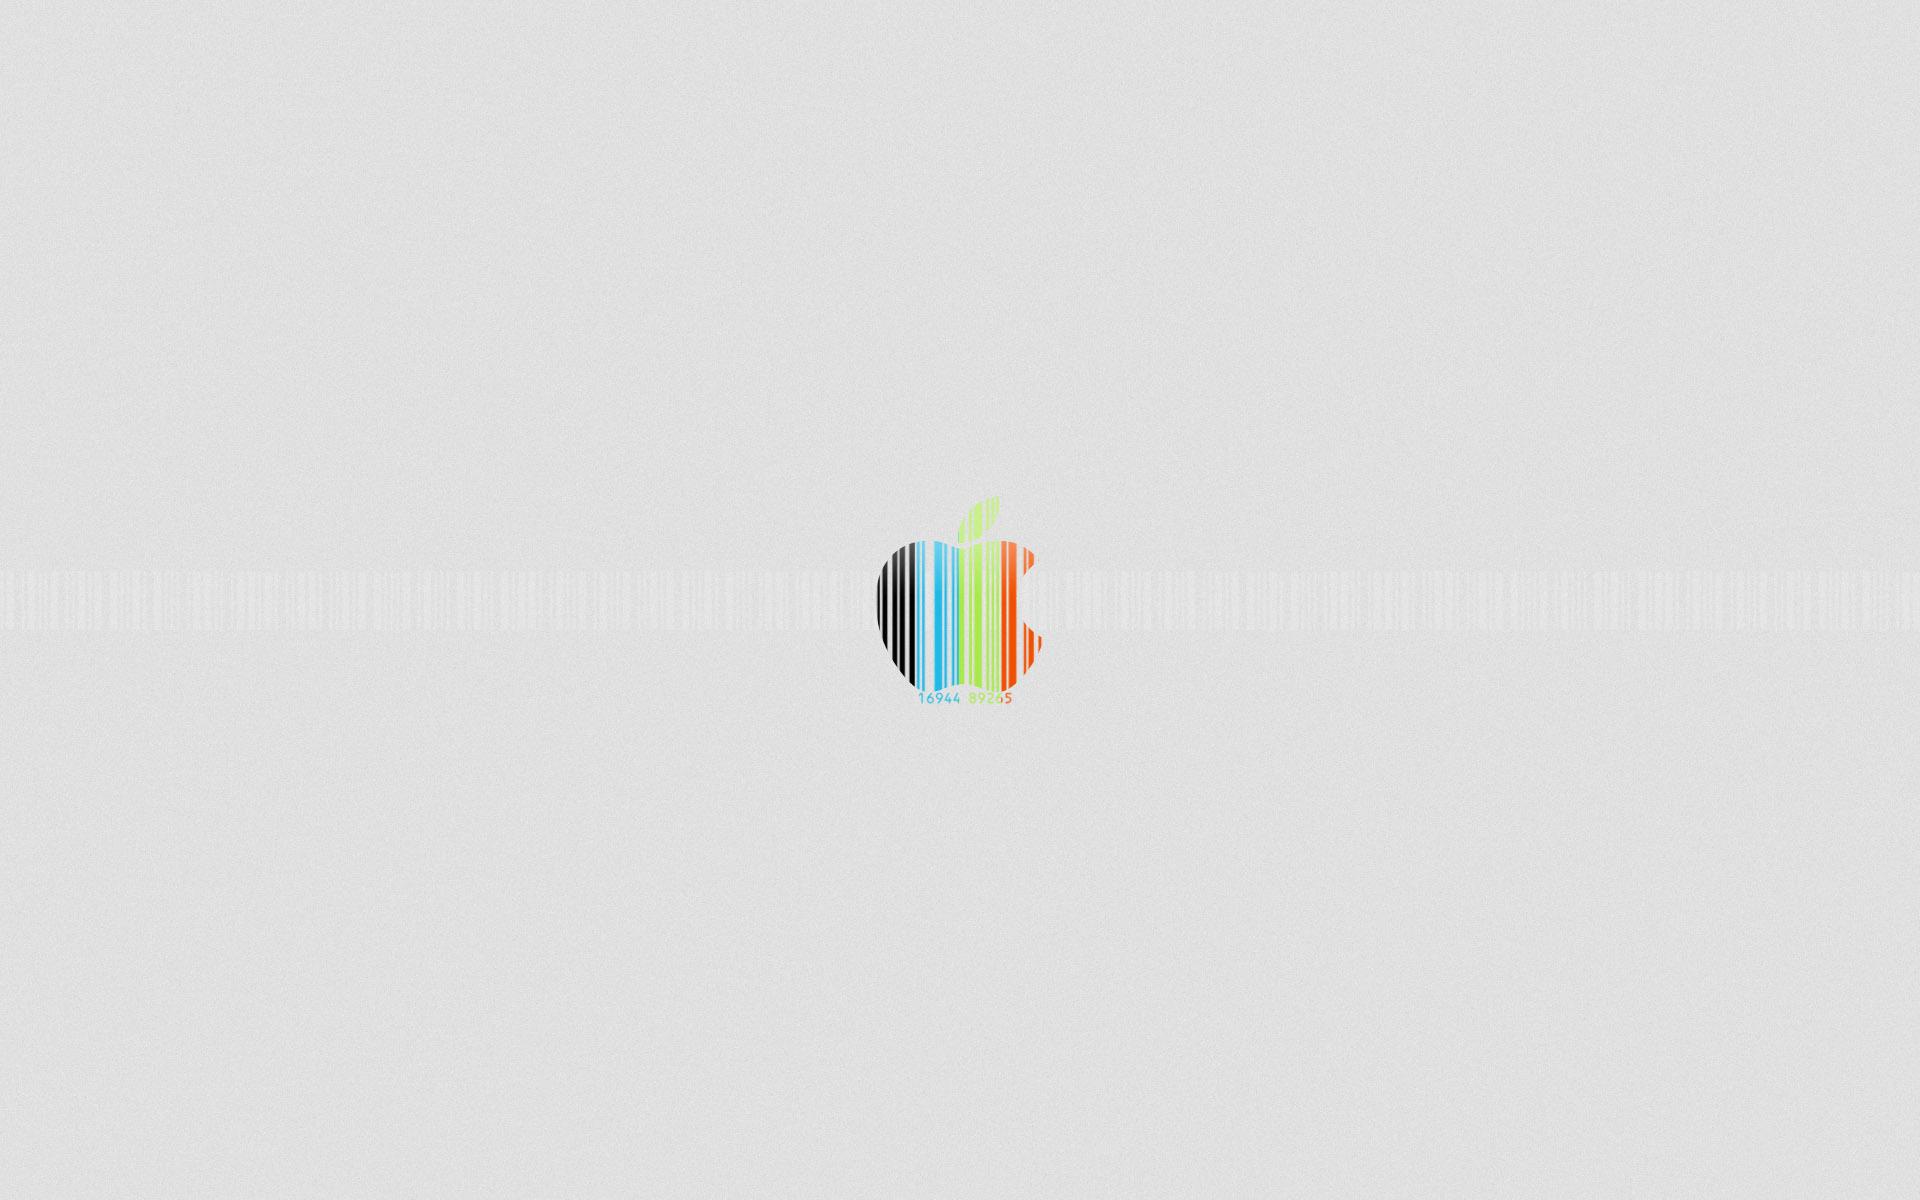 苹果imac主题高清背景图片素材专辑2